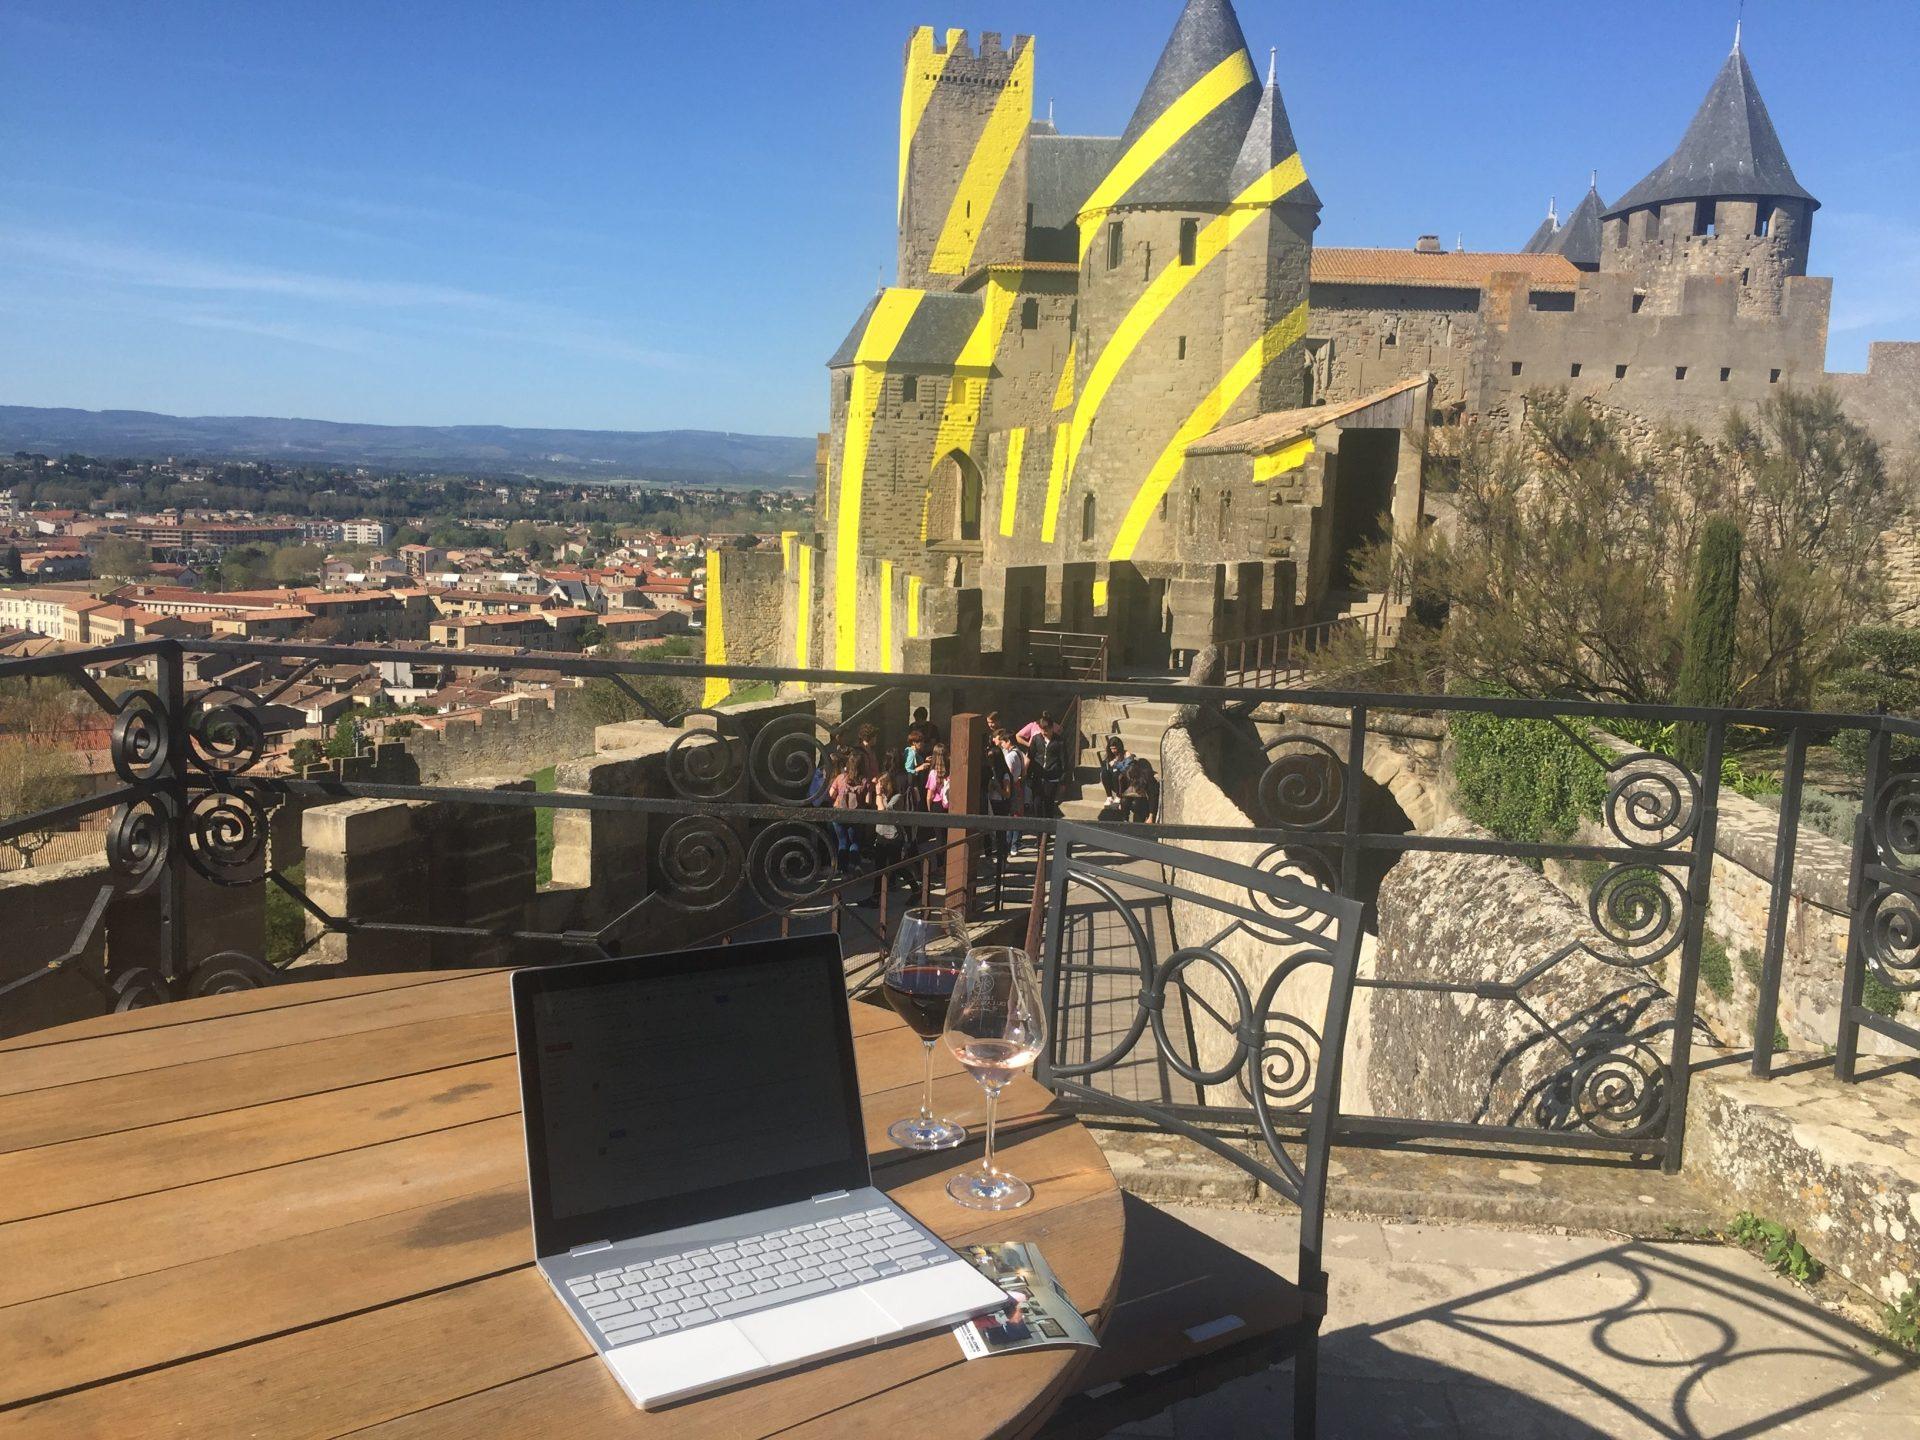 My office at Hotel de La Cité, Carcassonne, overlooking the rather special castle of Carcassonne.